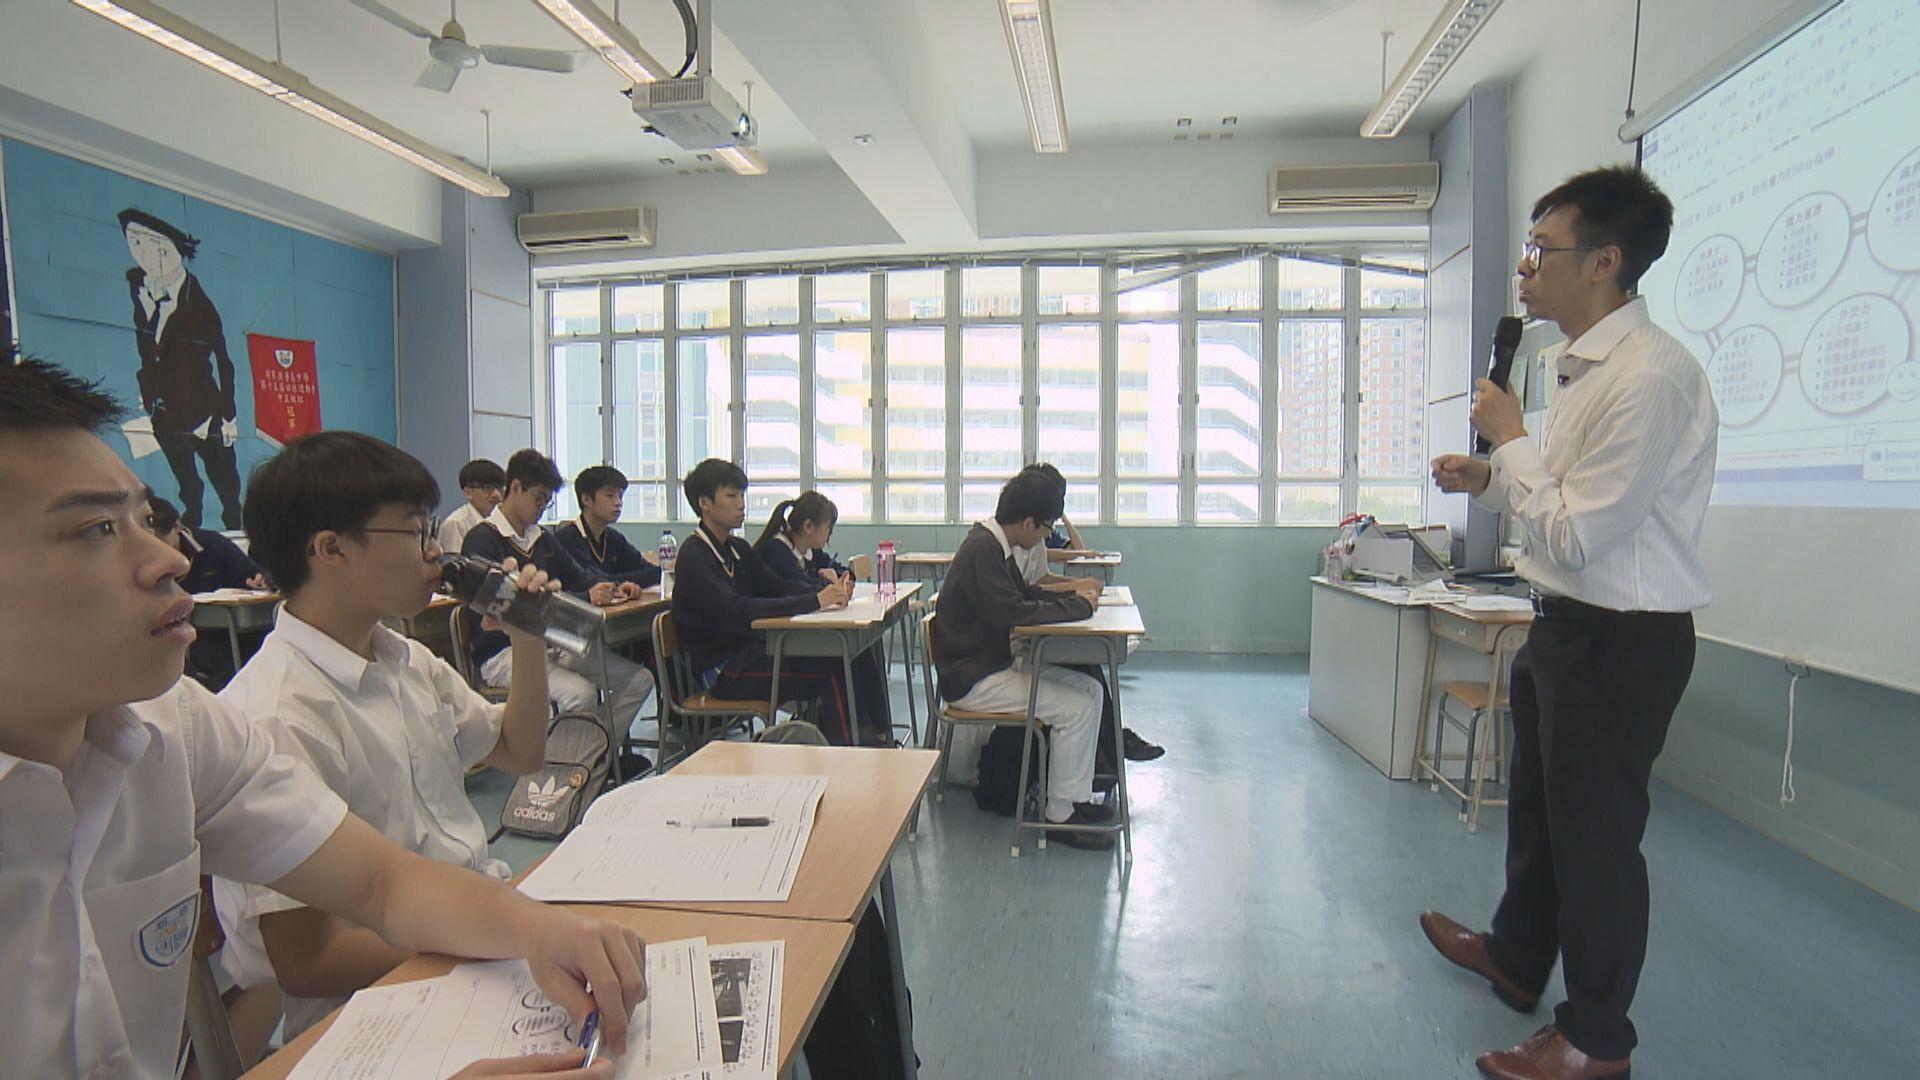 楊潤雄:慎重處理專業失德乃維護師生利益冀獲諒解